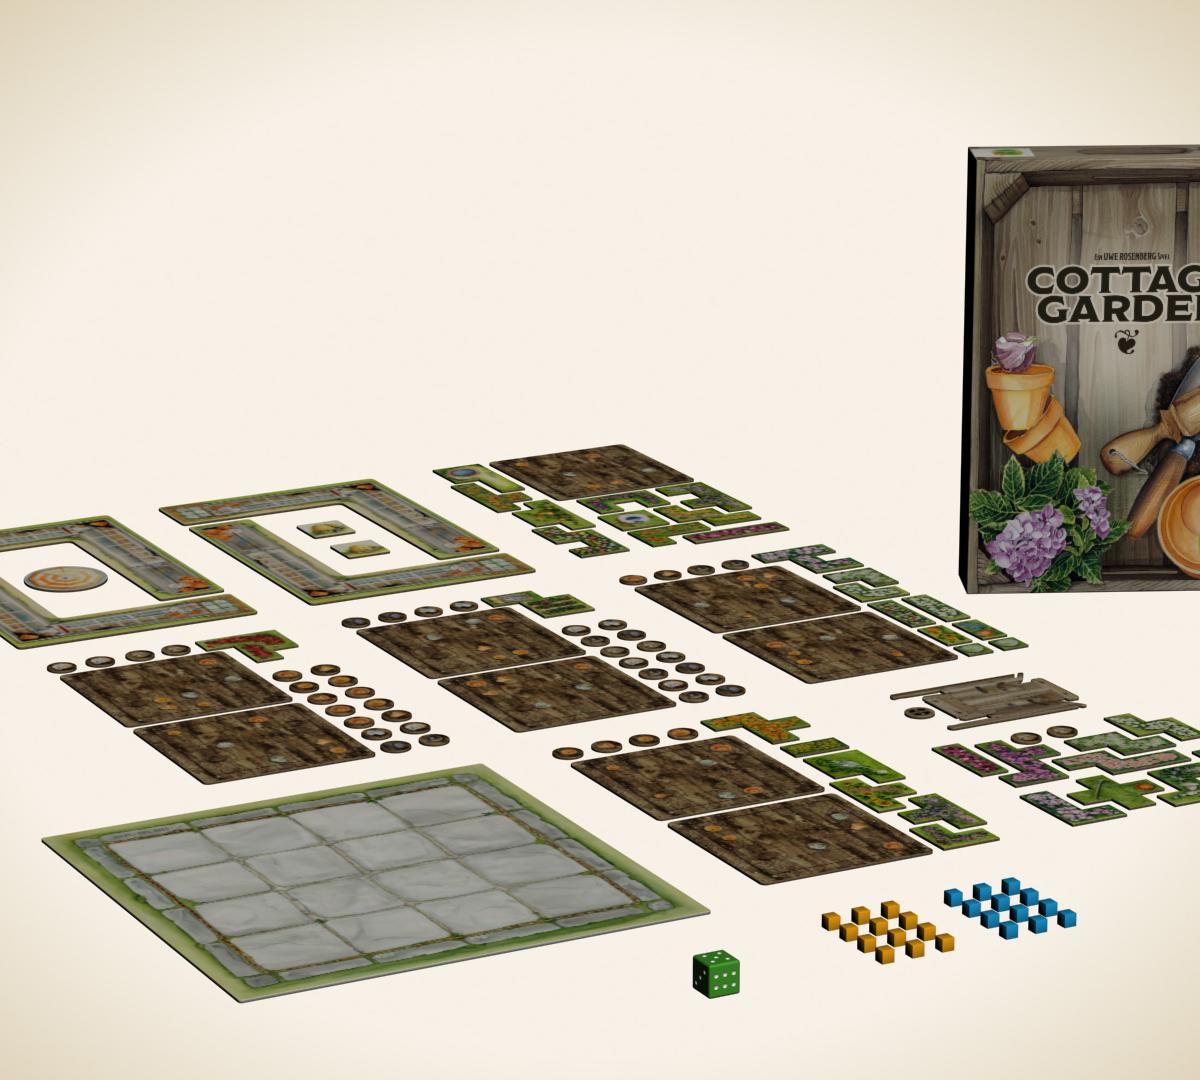 cottage_garden_header